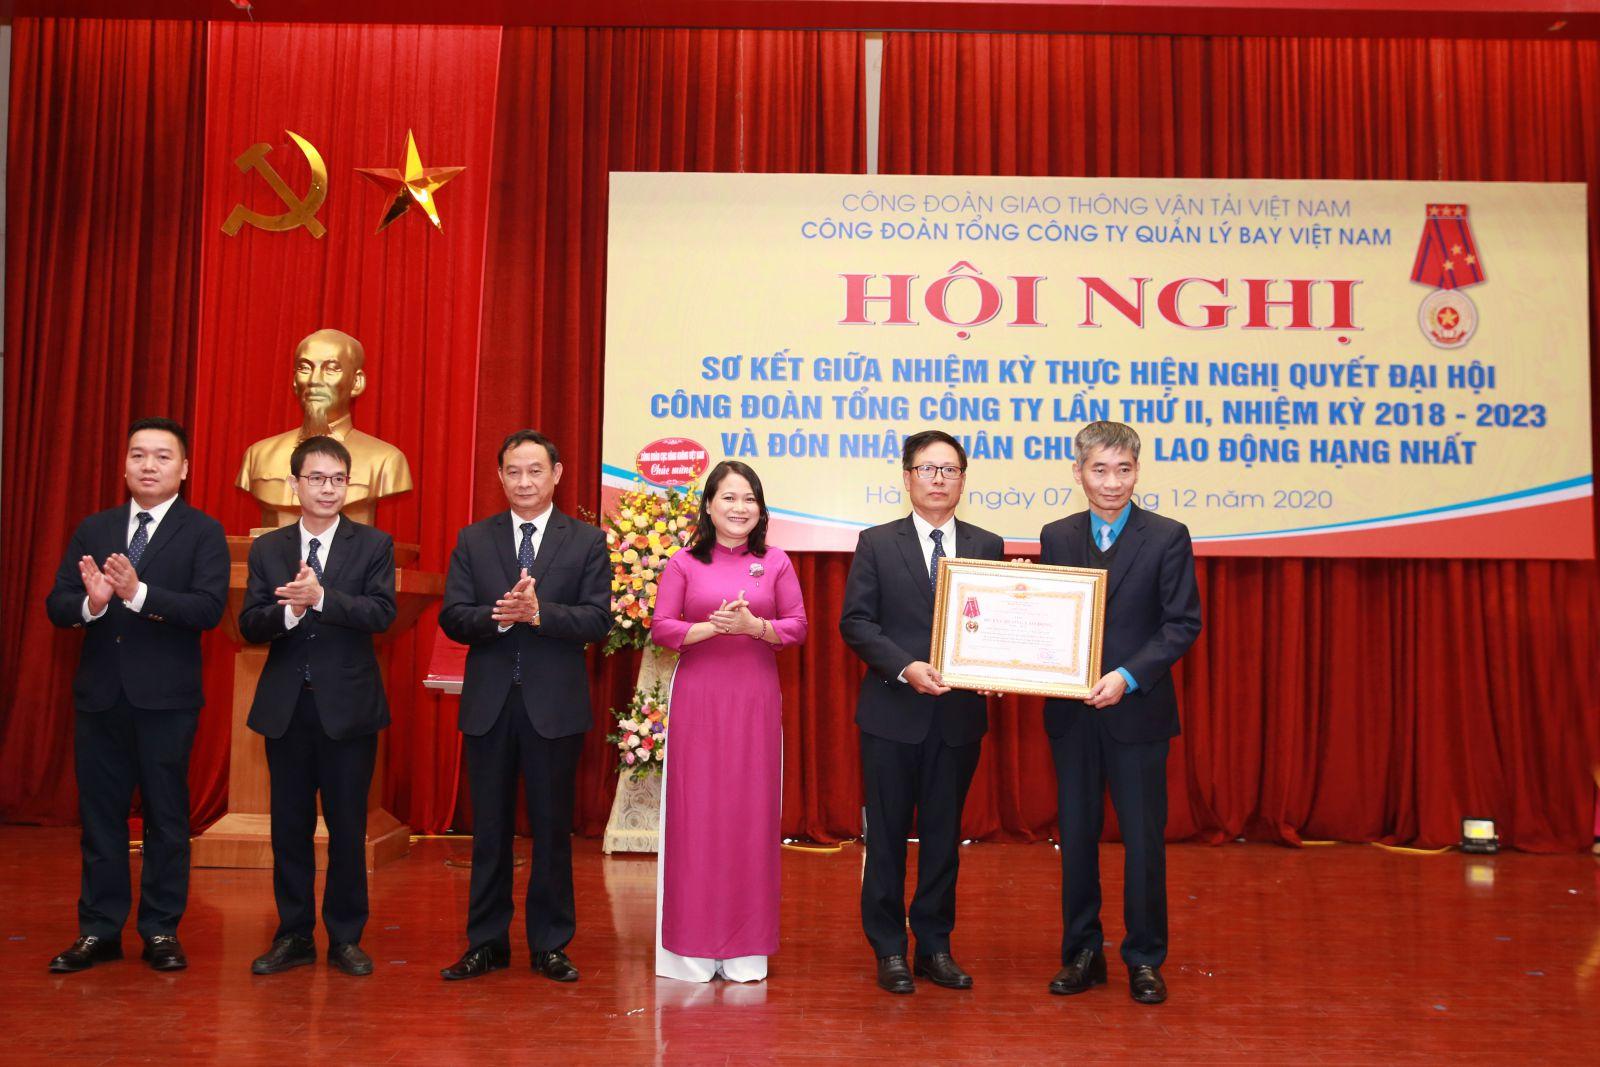 Quá trình hình thành và phát triển của Công đoàn Tổng công ty Quản lý bay Việt Nam - Phần III